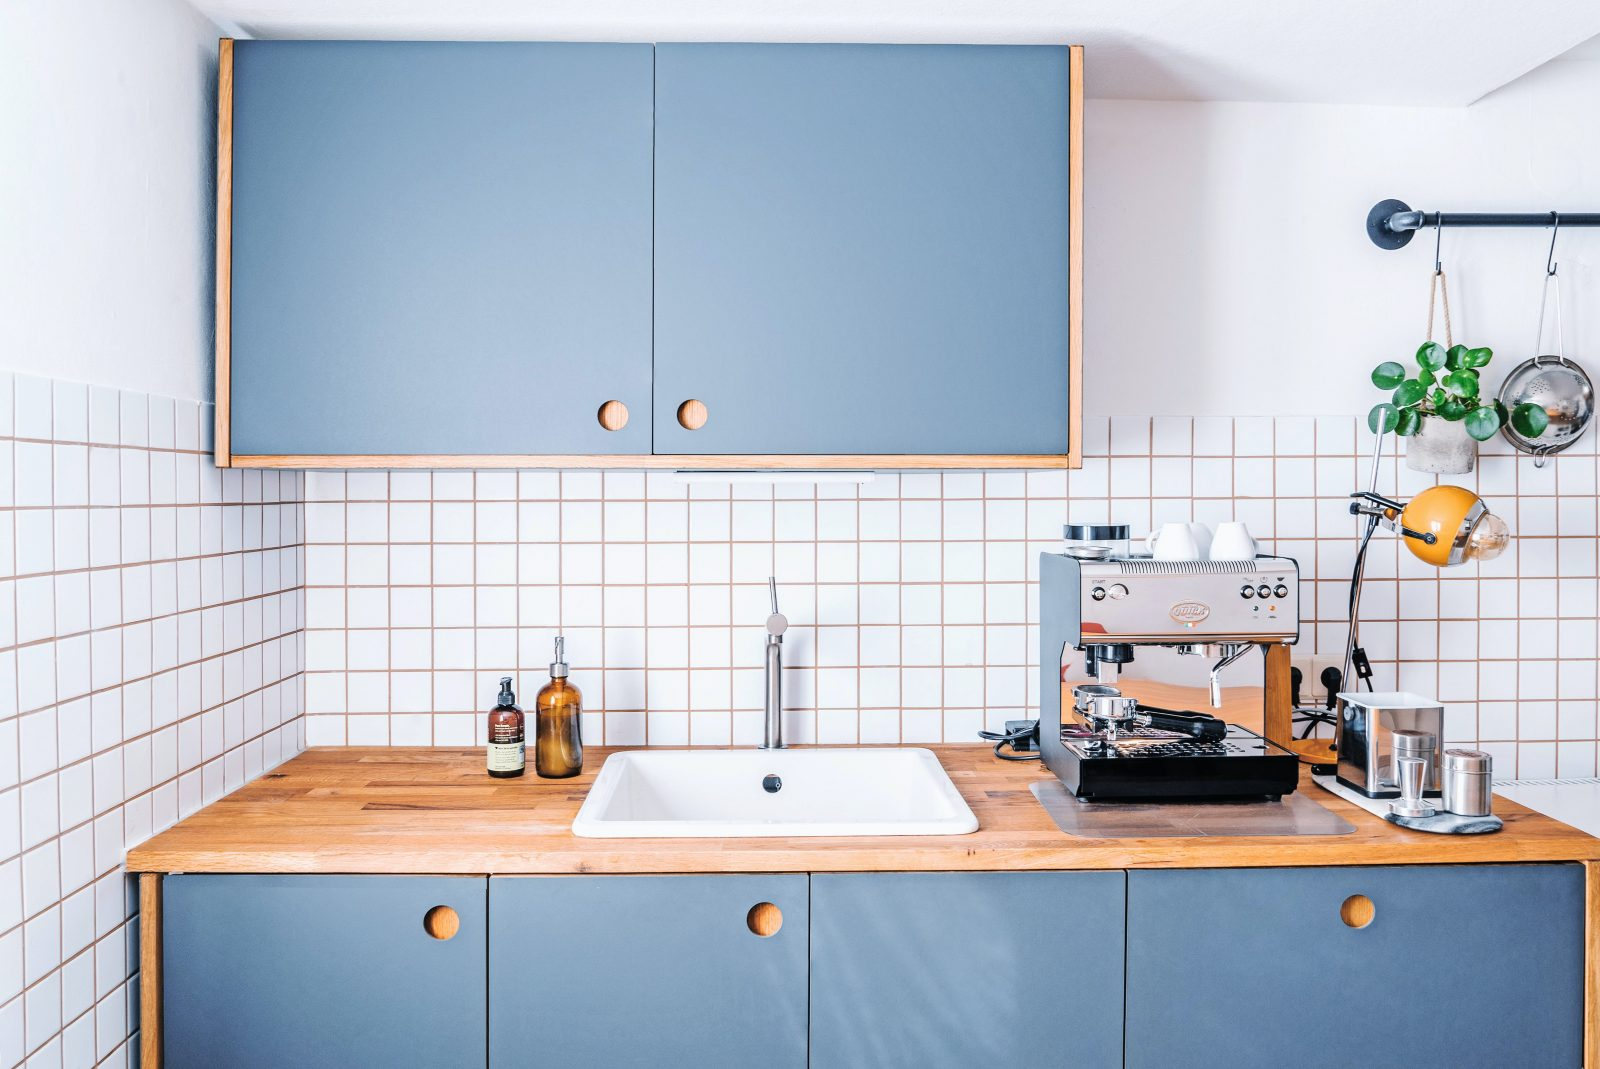 Dream Kitchen Planning